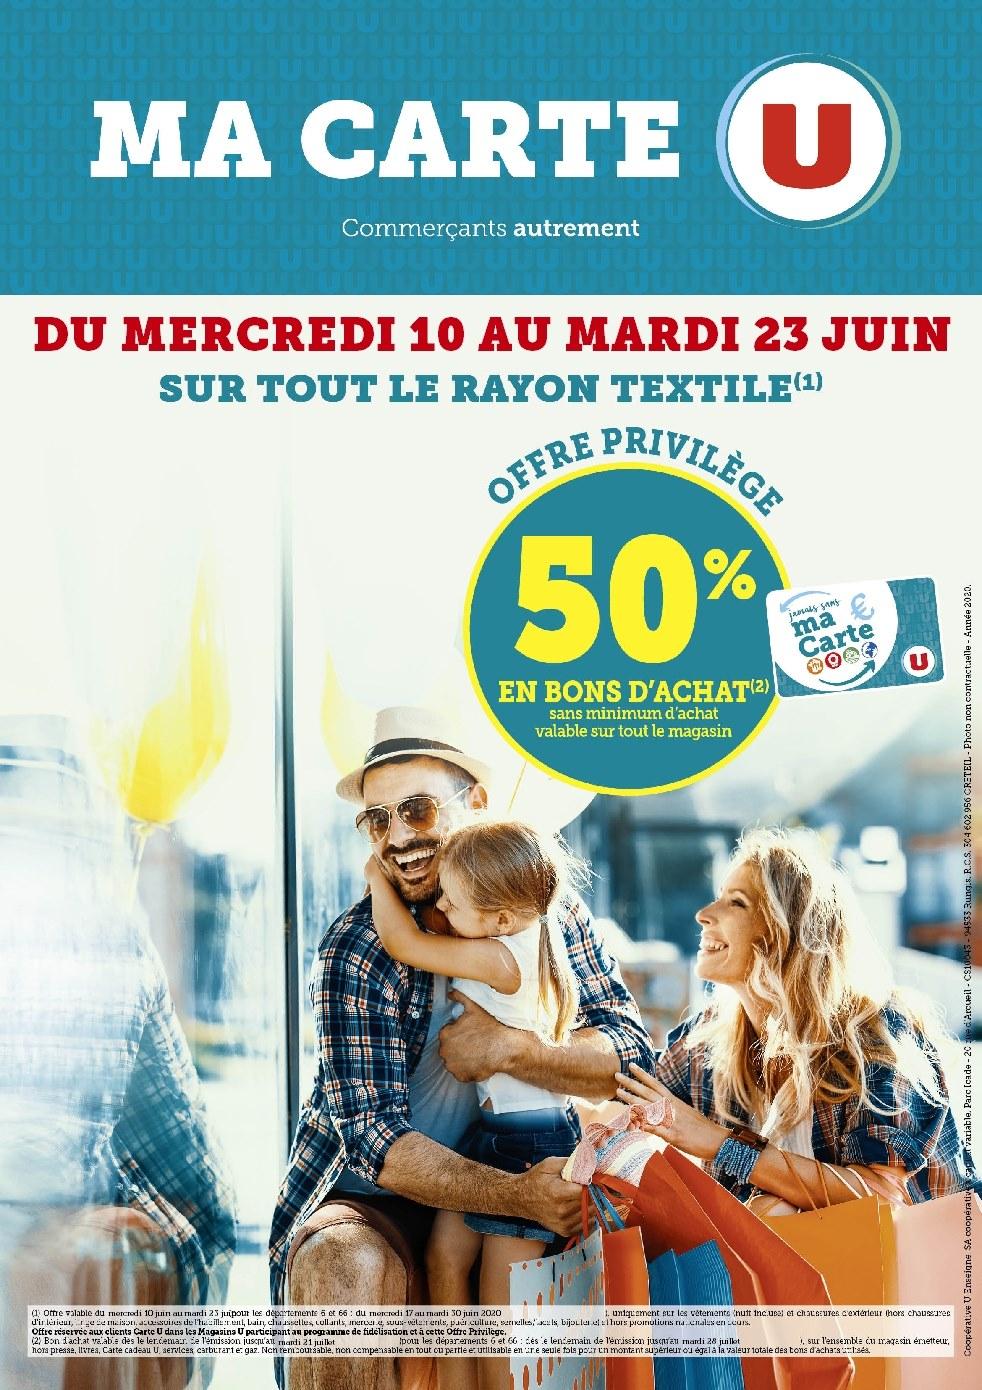 [Carte U] 50% remboursés en bon d'achat sur le rayon Textile (hors exceptions) - Gujan-Mestras (33)